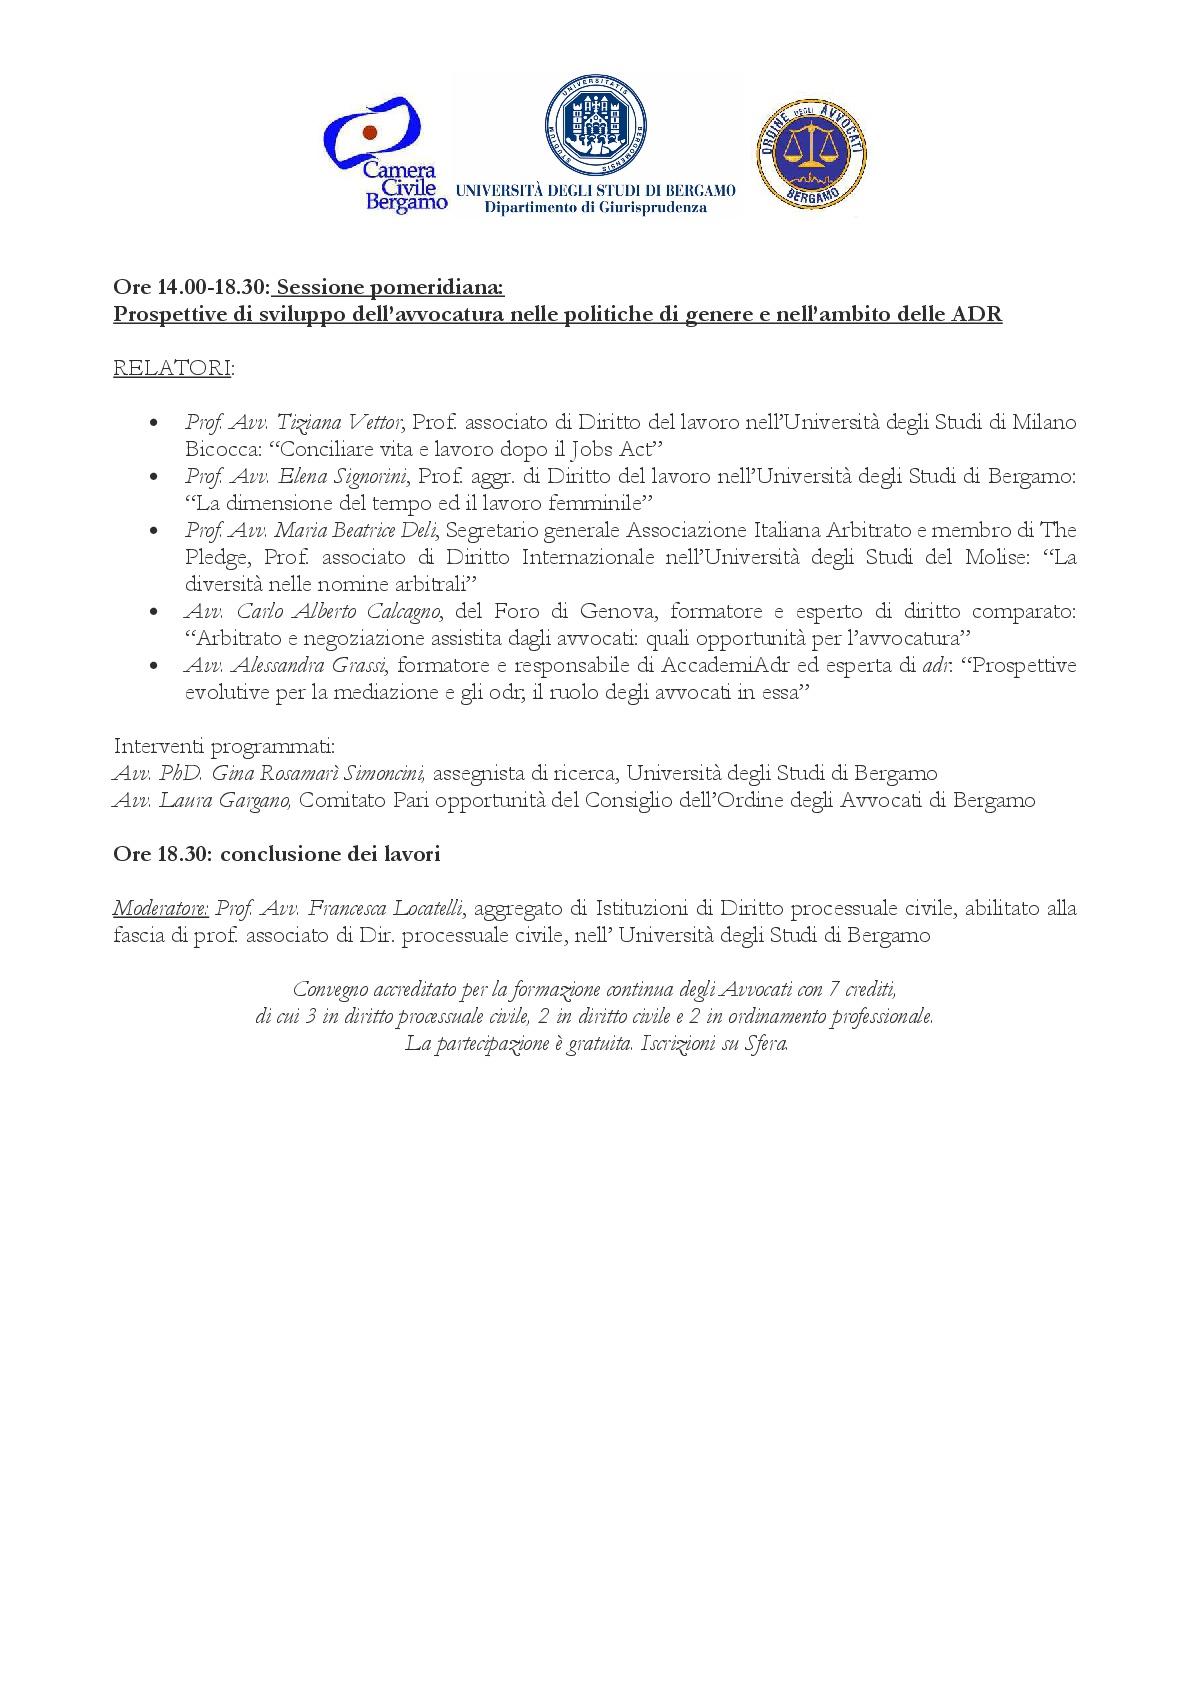 GIORNATA-EUROPEA-DELLA-GIUSTIZIA-CIVILE-locandina-def-loghi-002